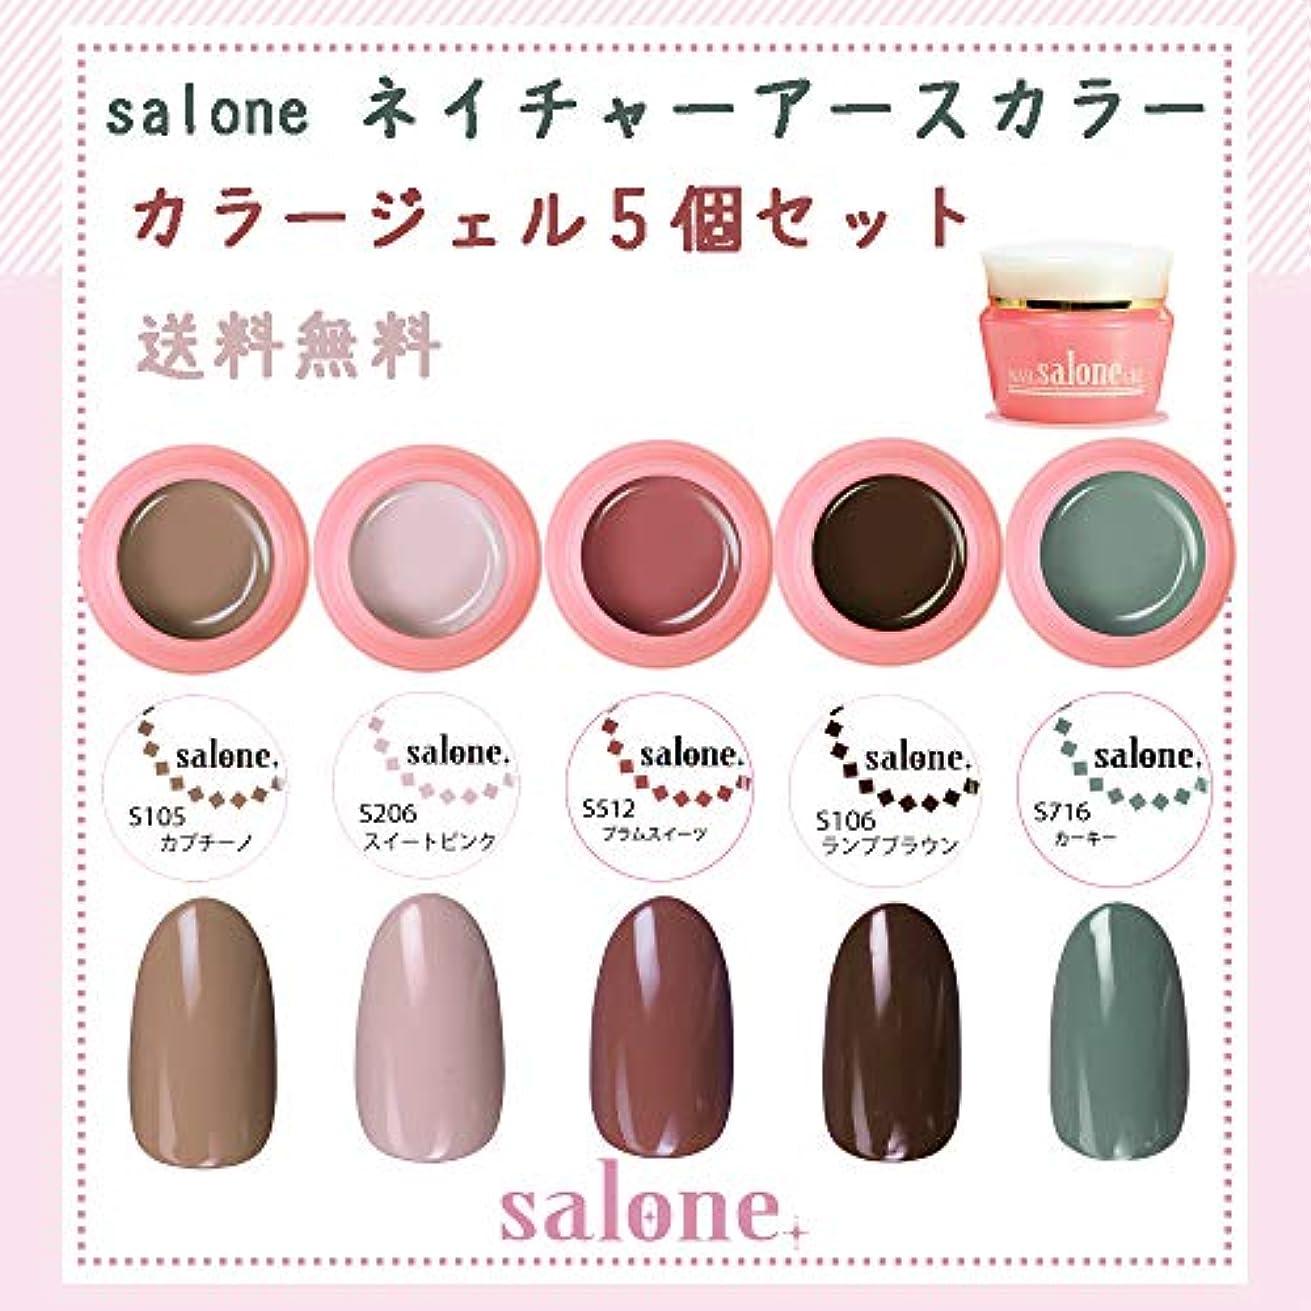 接地軍幻想的【送料無料 日本製】Salone ネイチャーアースカラー カラージェル5個セット ボタニカルでネイチャーなカラーをチョイスしました。